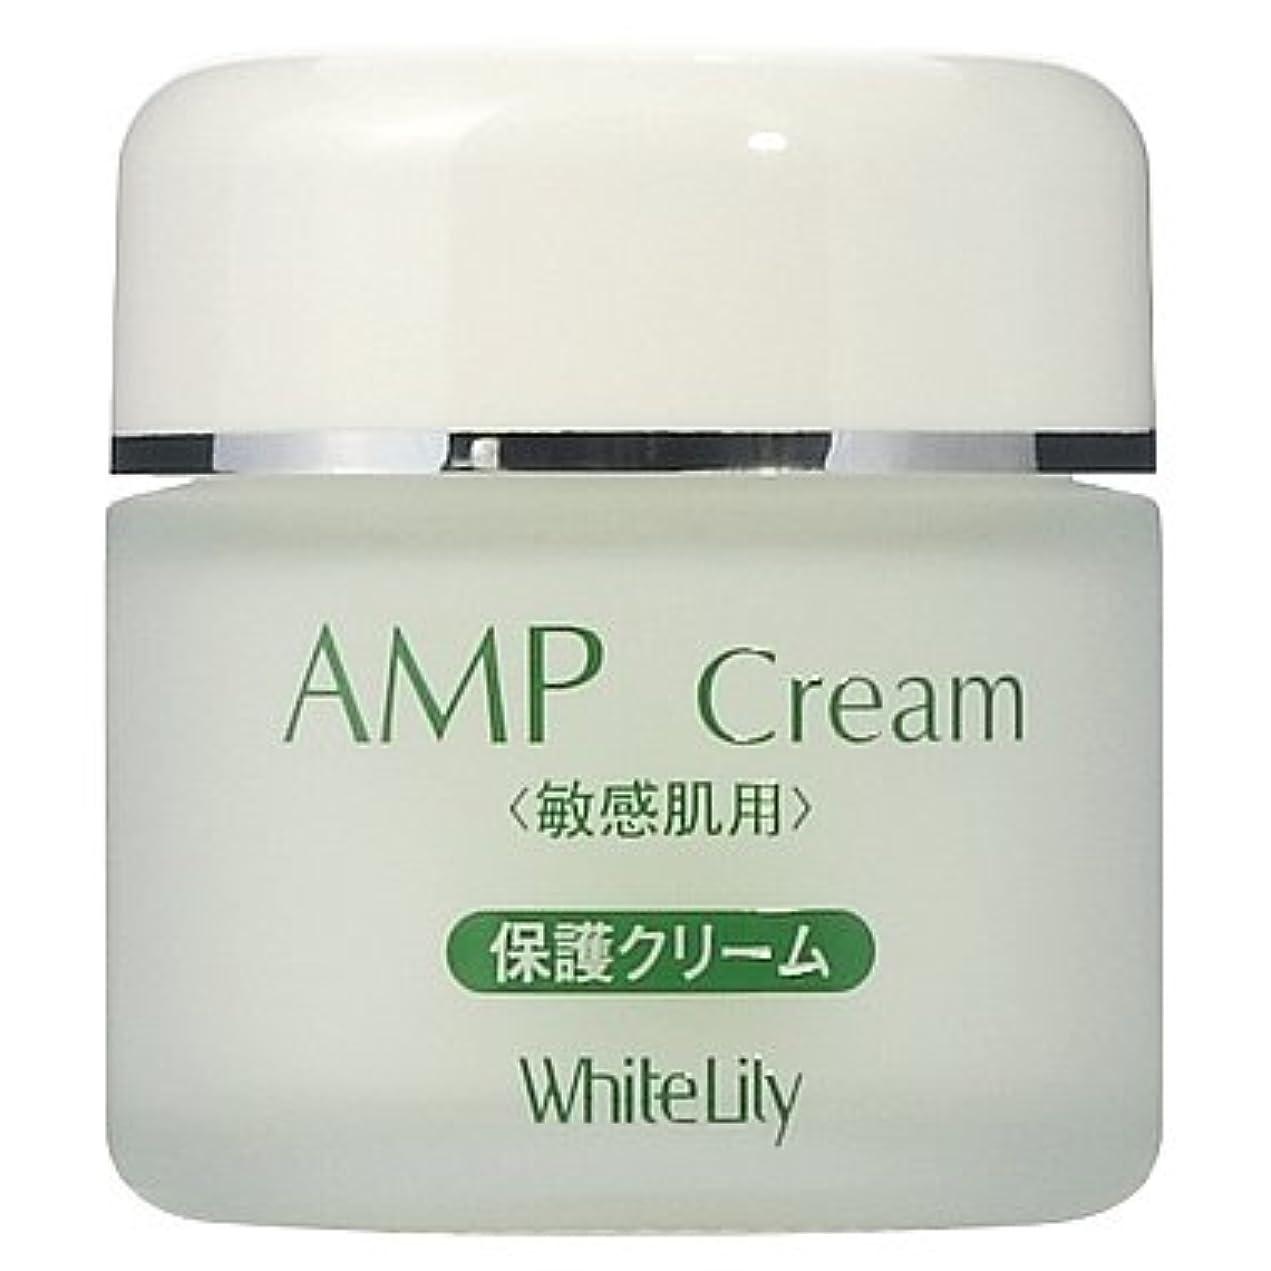 望む一緒クラックポットホワイトリリー AMPクリーム 40g クリーム